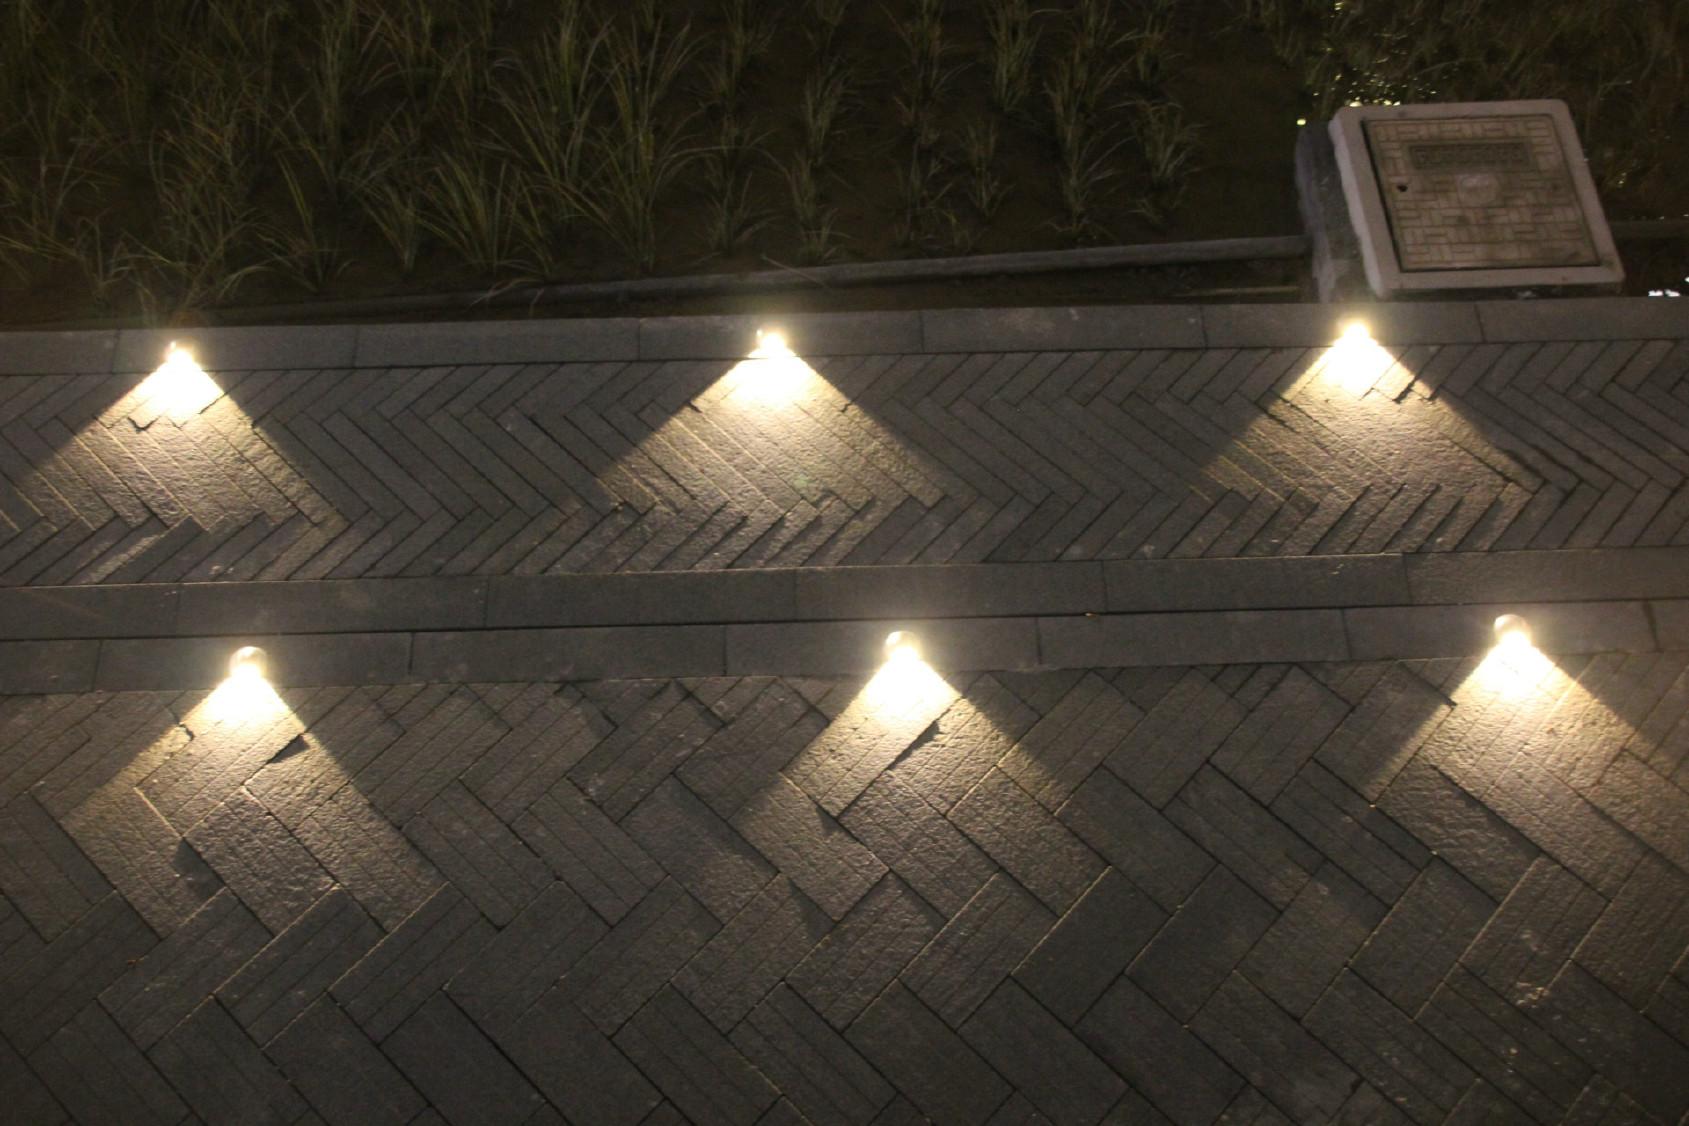 led光通量_【新款4W地埋灯/双透地埋灯/地埋蘑菇灯/栈道灯/台阶灯/双透侧 ...